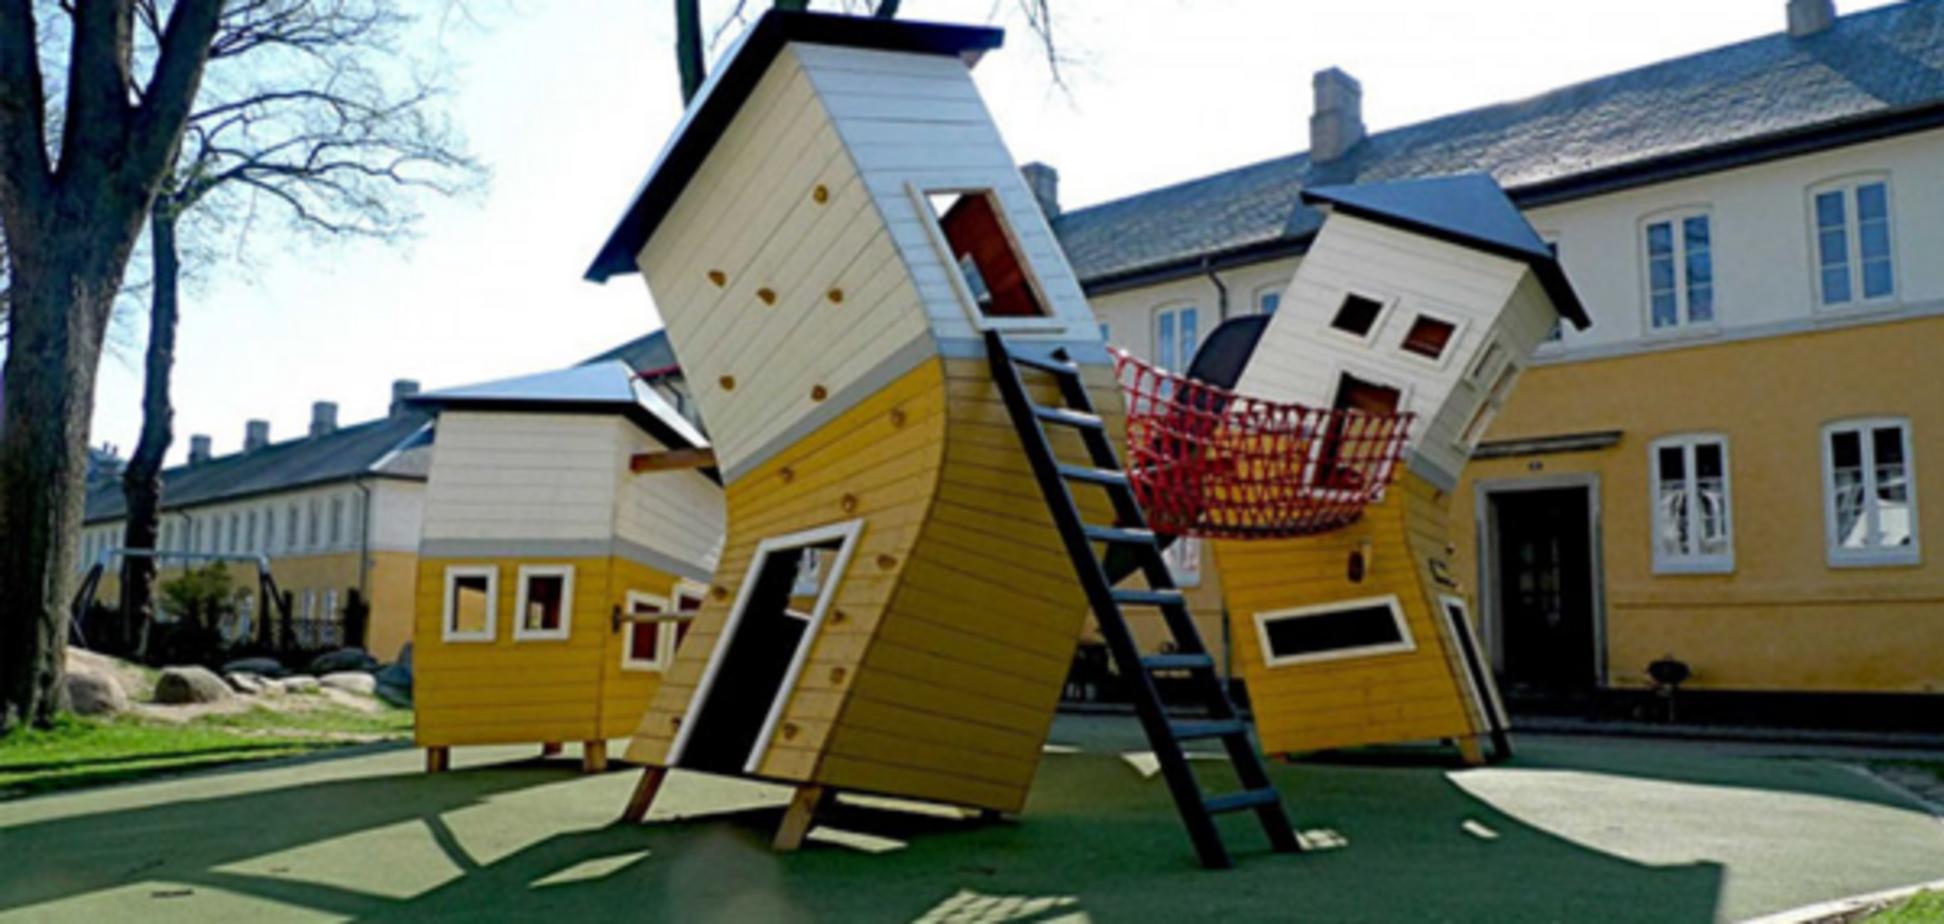 Детская мечта: сеть покорили фото игровых площадок, которые оценят и взрослые